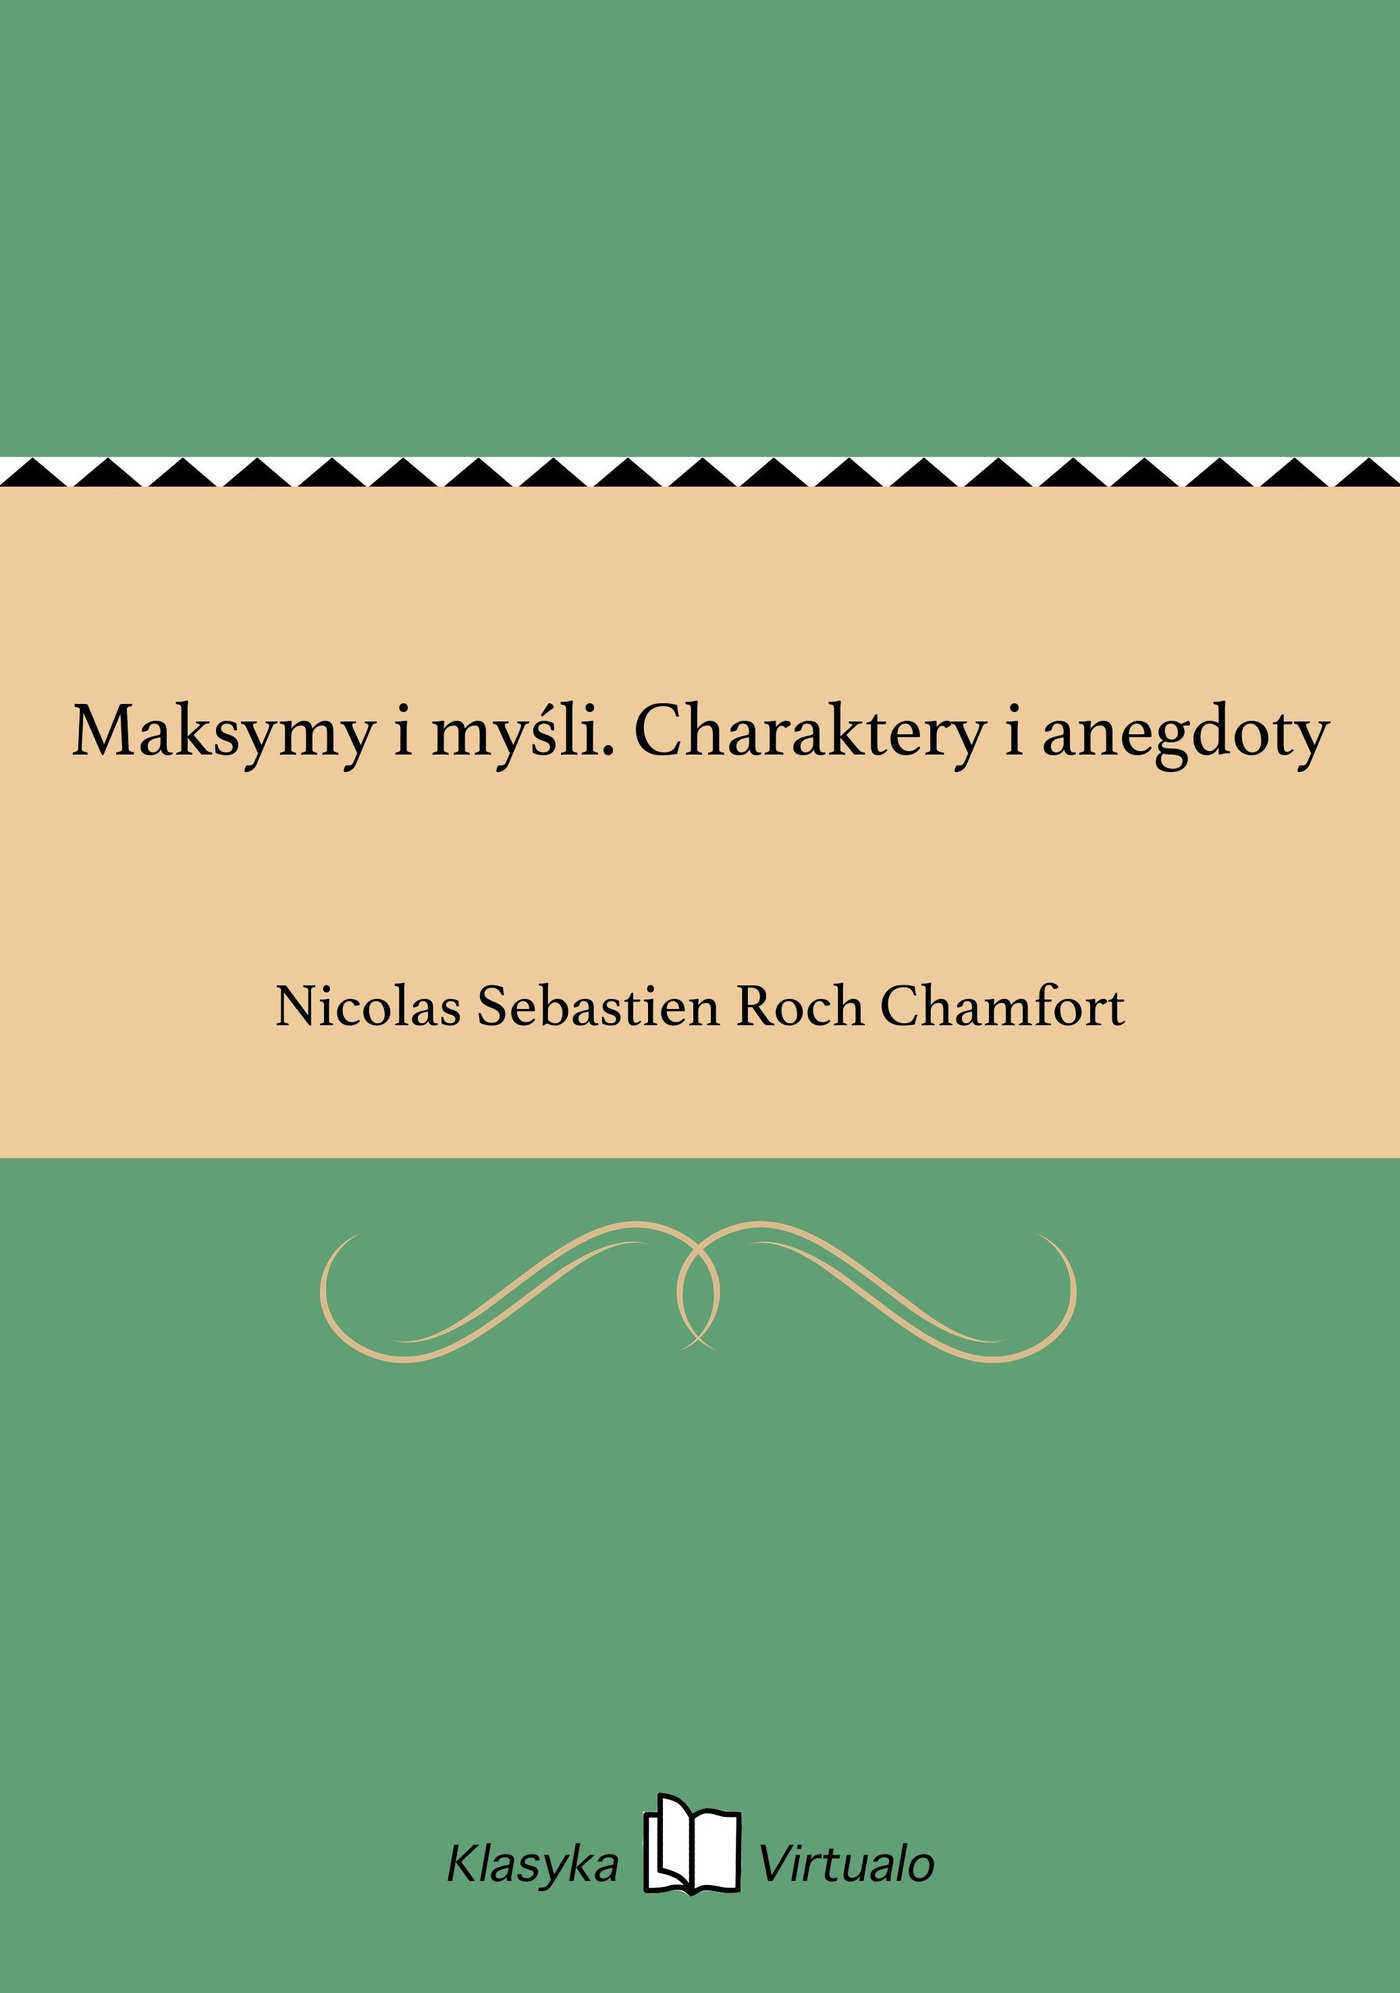 Maksymy i myśli. Charaktery i anegdoty - Ebook (Książka EPUB) do pobrania w formacie EPUB